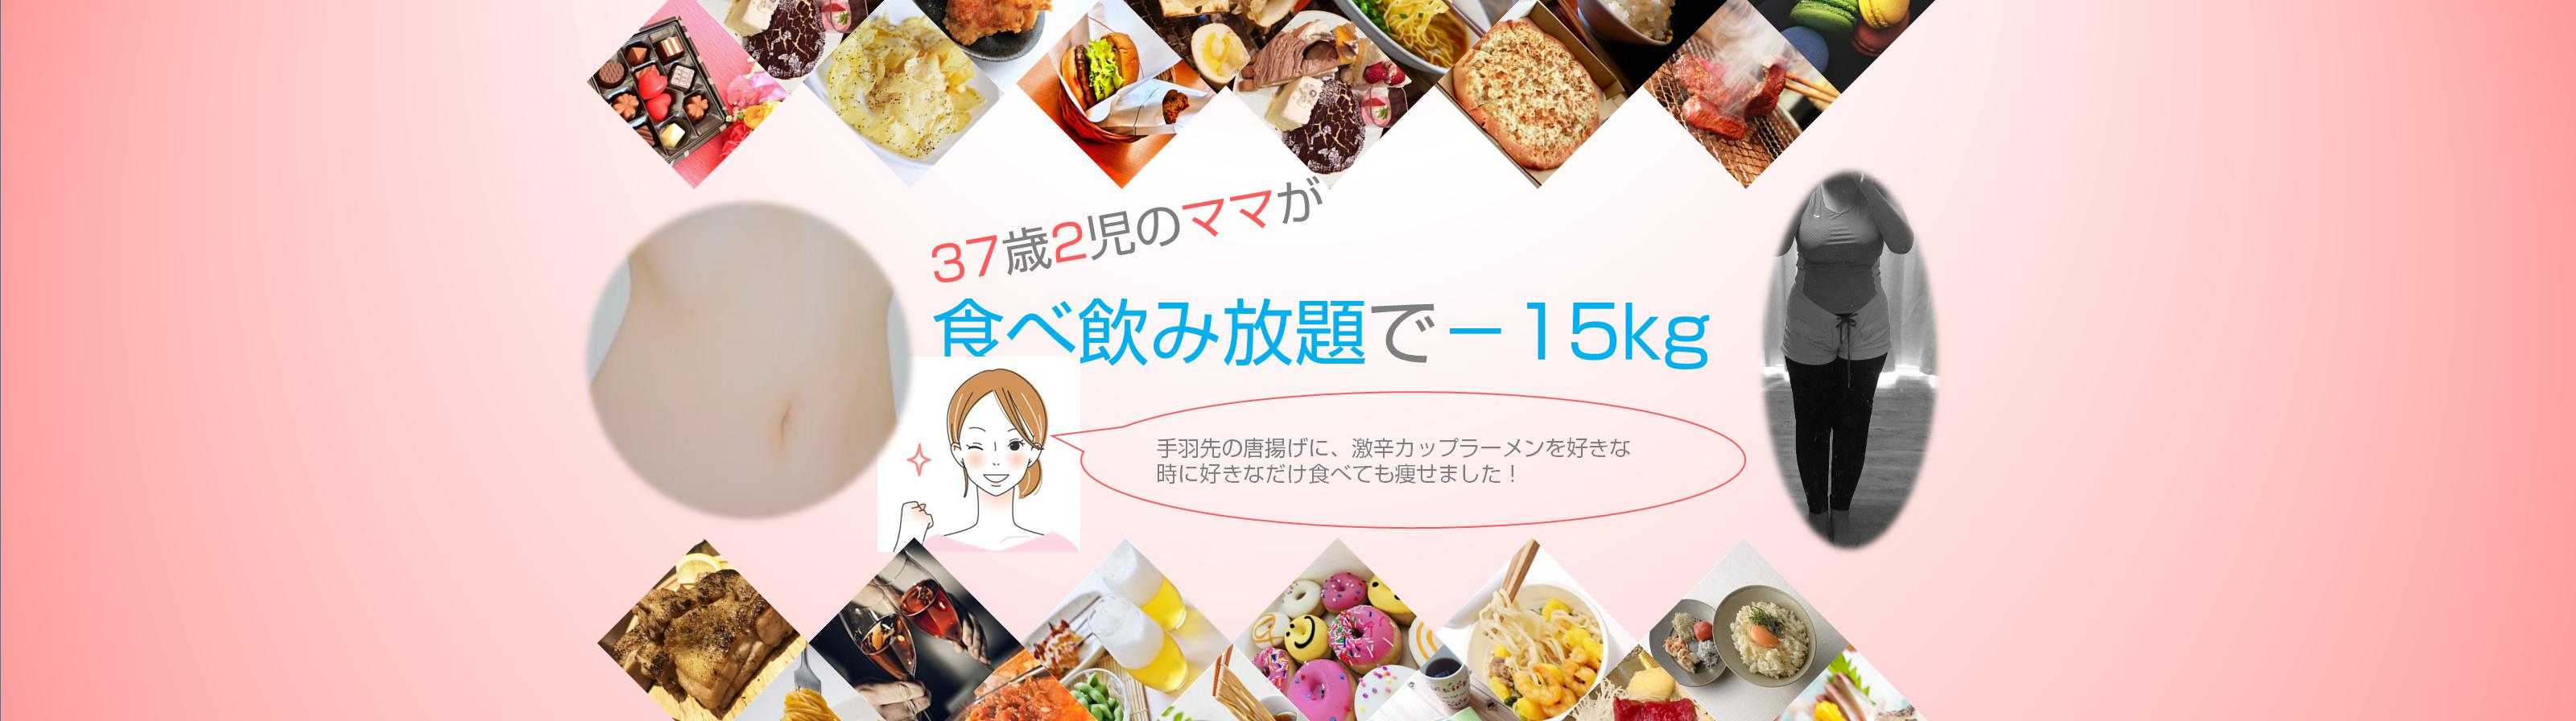 37歳2児のママが食べ飲み放題で-15kg